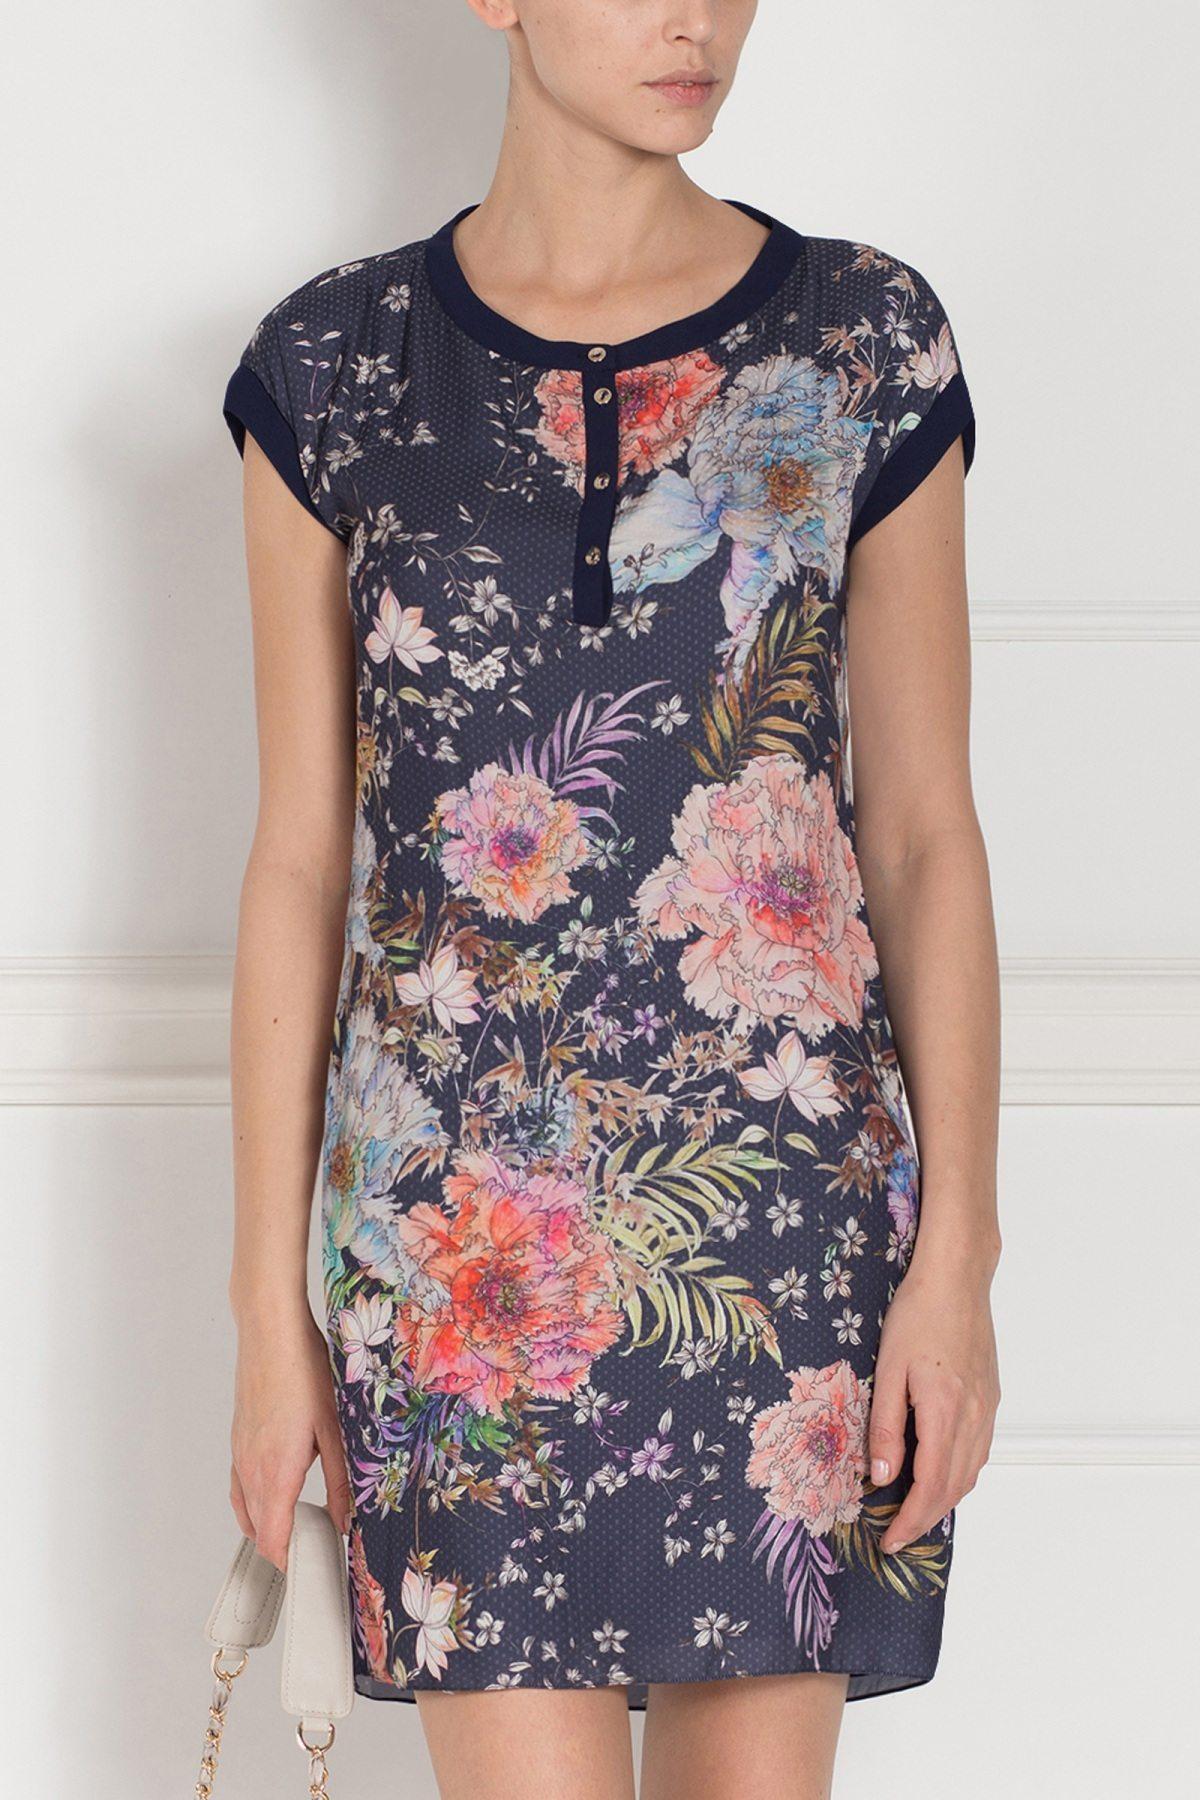 Rochie imprimata floral cu maneca scurta Print